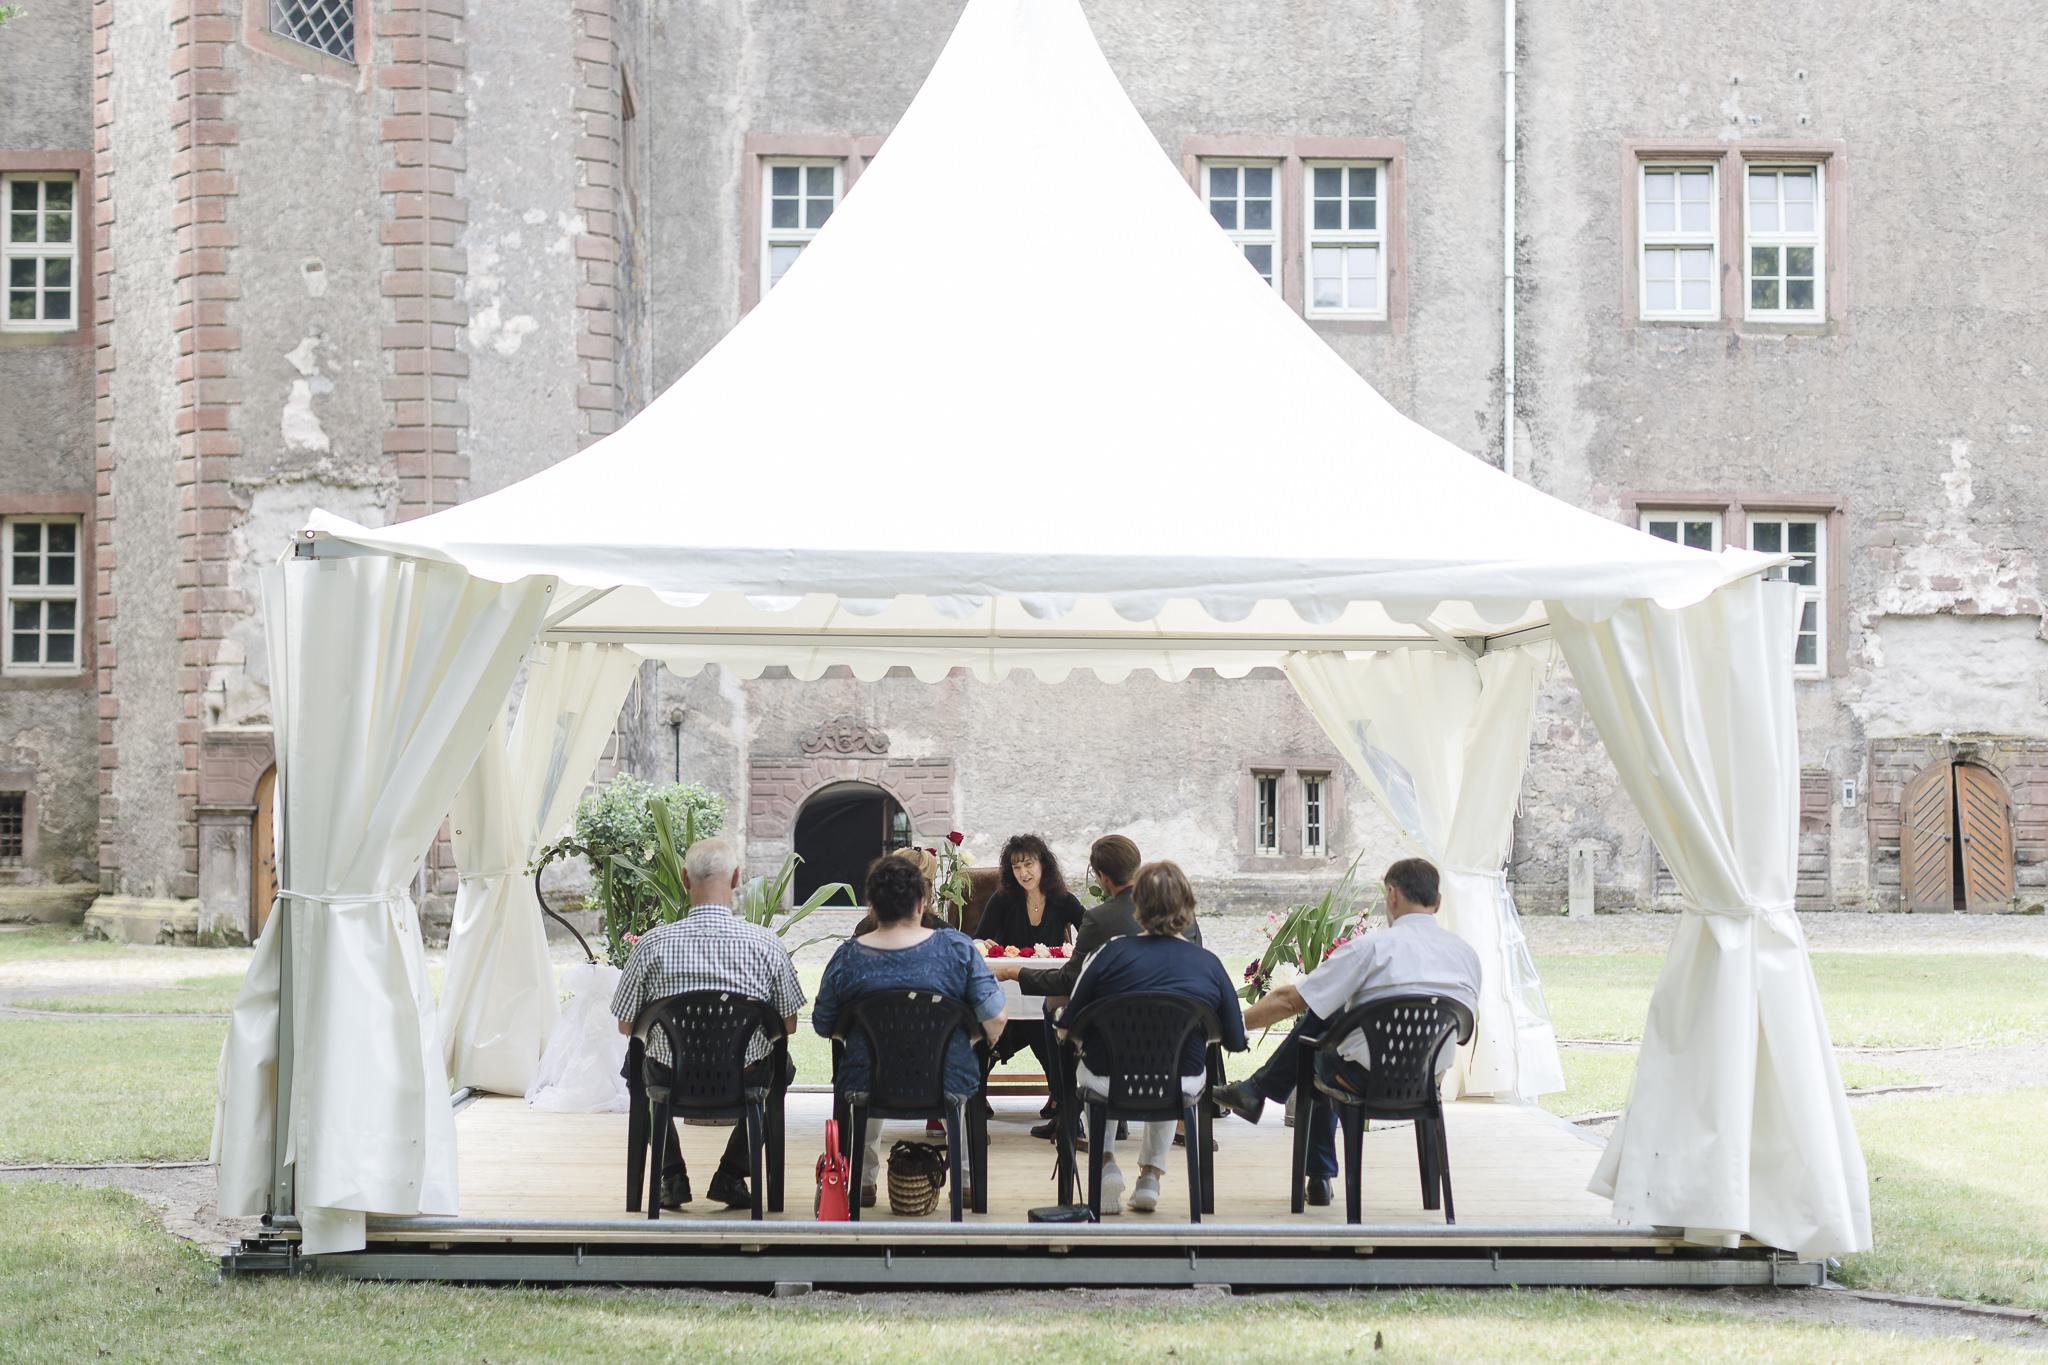 Hochzeitsfotograf Einbeck - eine intime Trauung mit wenigen Gästen